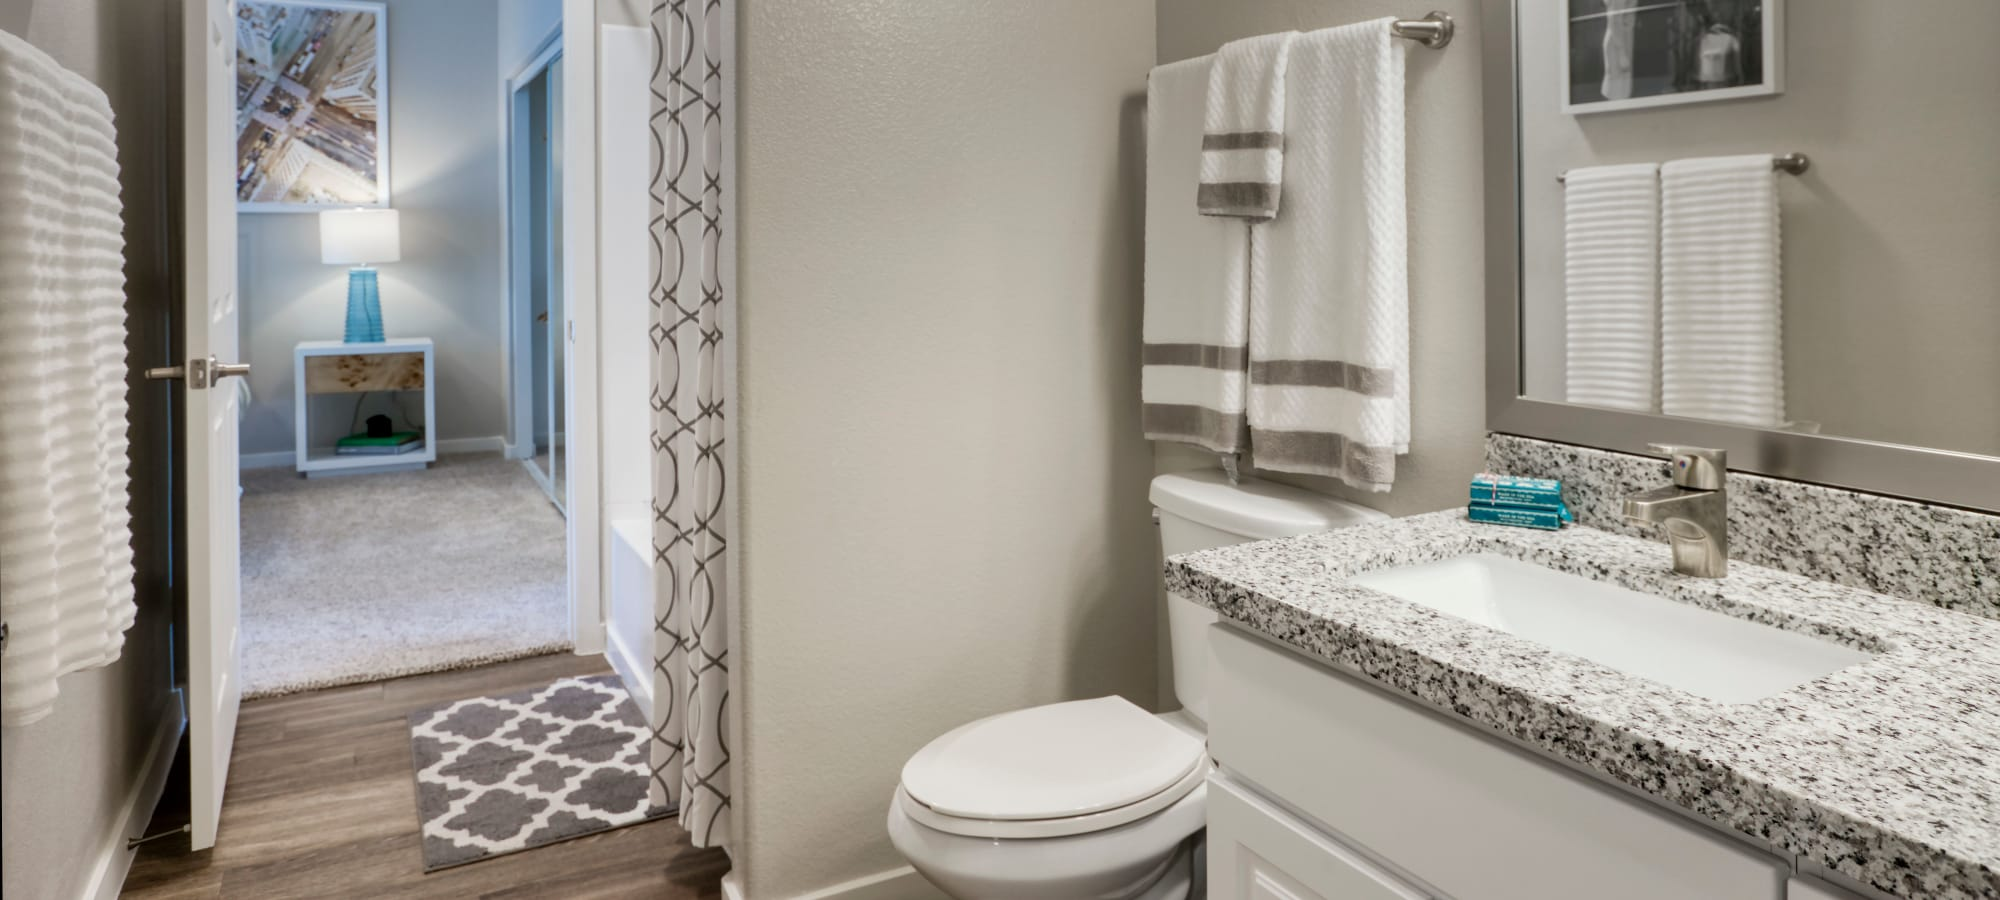 Bright Bathroom at Waterside at Ocotillo